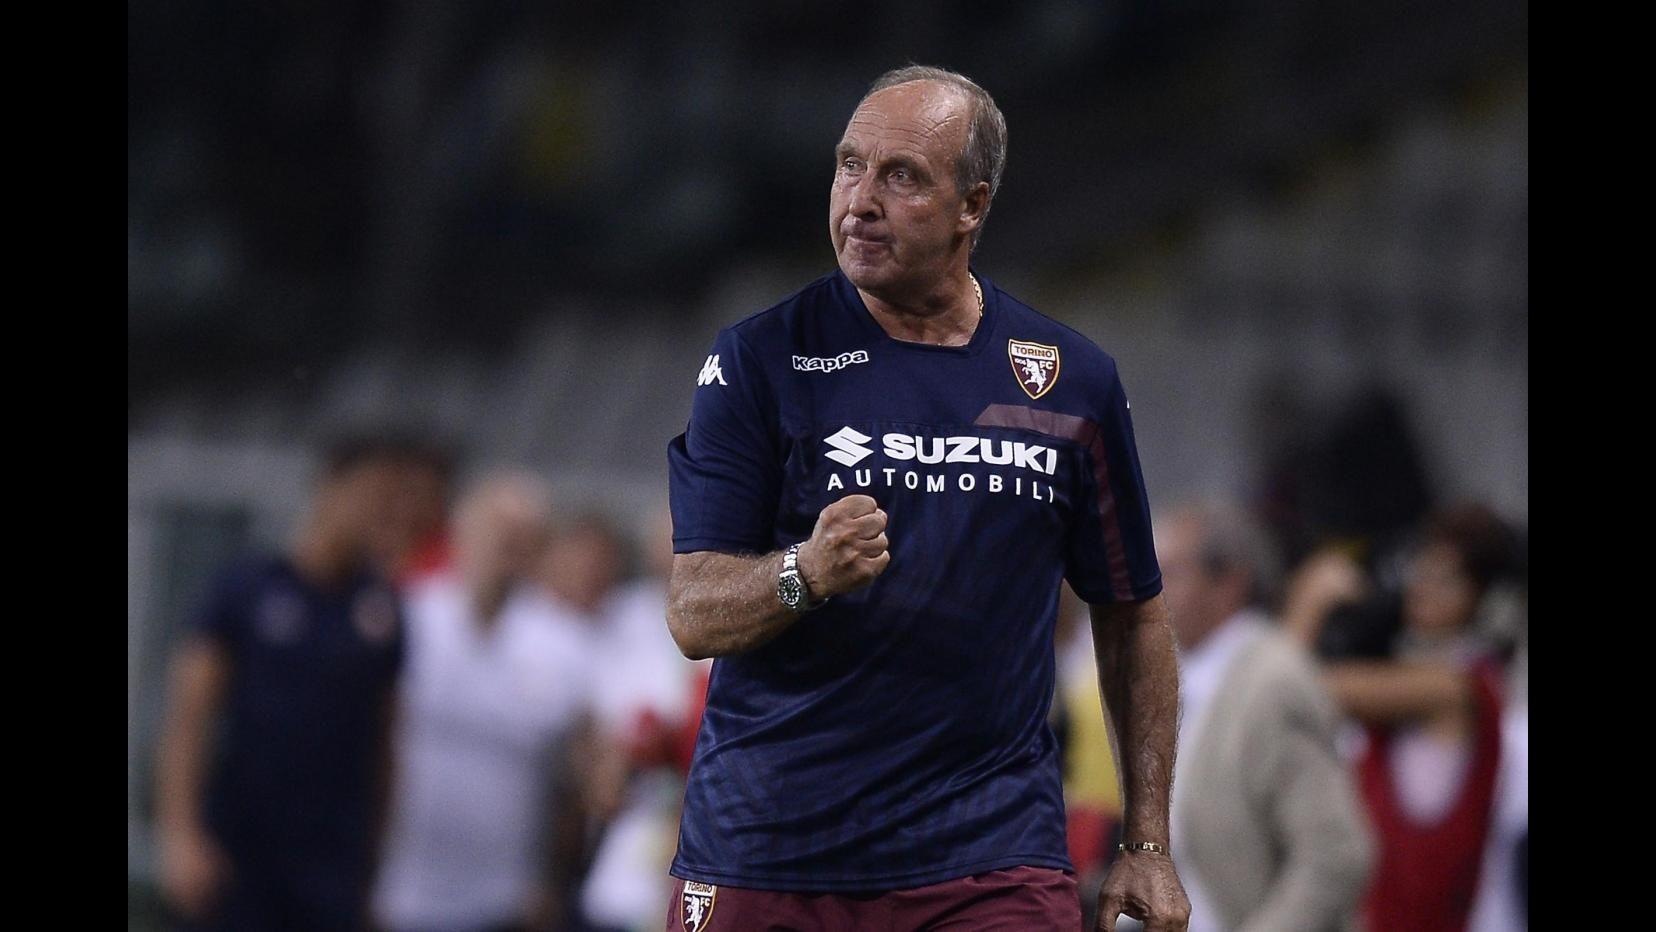 Coppa Italia: Torino, i convocati di Ventura per derby con Juve